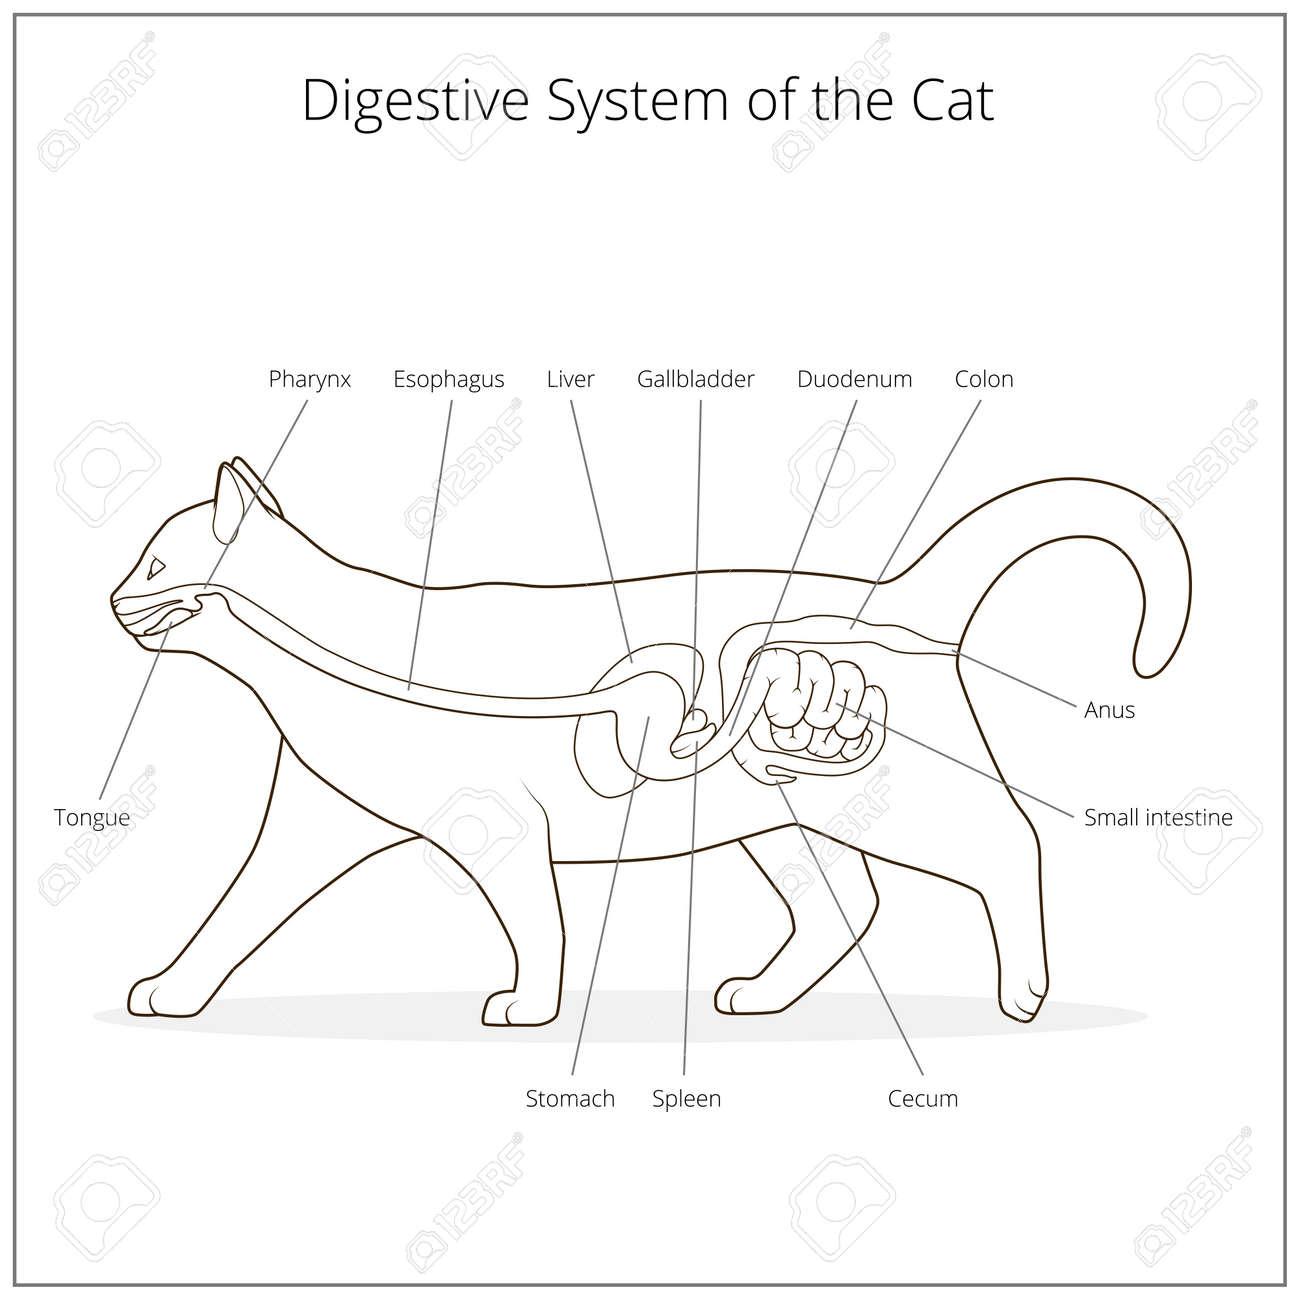 Ungewöhnlich Katze Verdauungssystem Anatomie Fotos - Anatomie Ideen ...